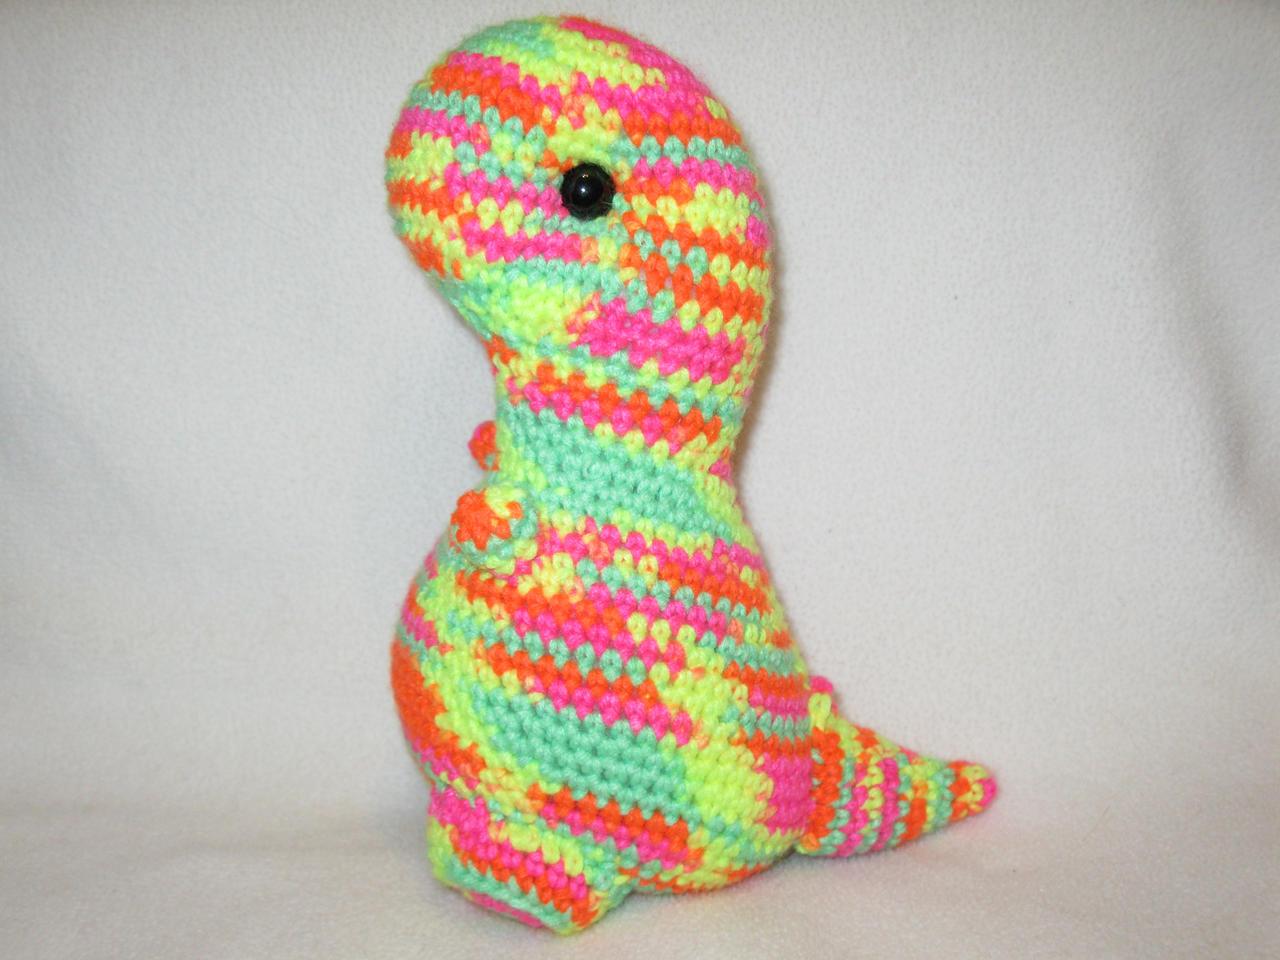 T-rex amigurumi plush - neon multicolored